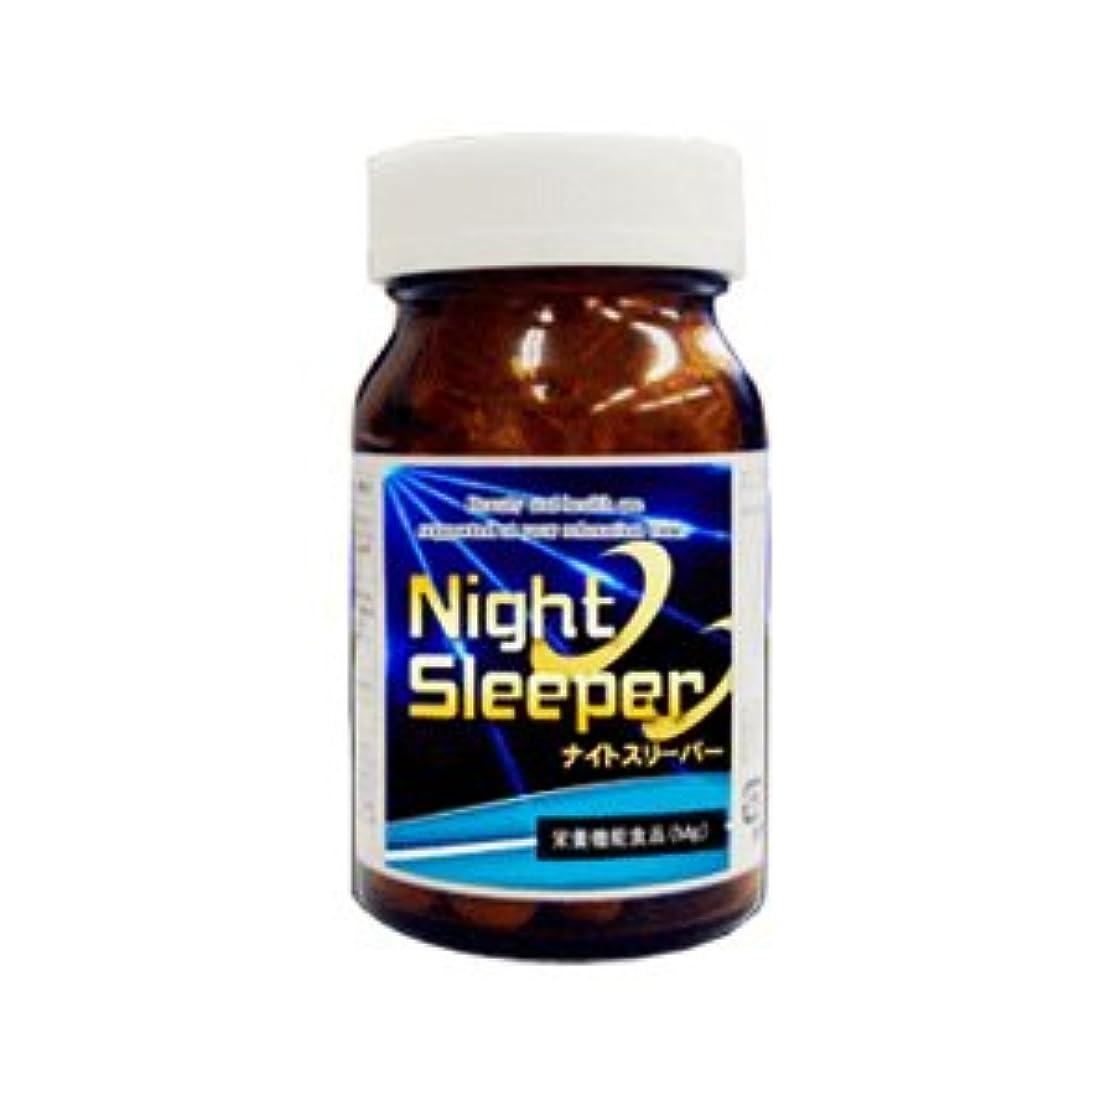 栄光のリダクター構成するナイトスリーパー nightsleeper